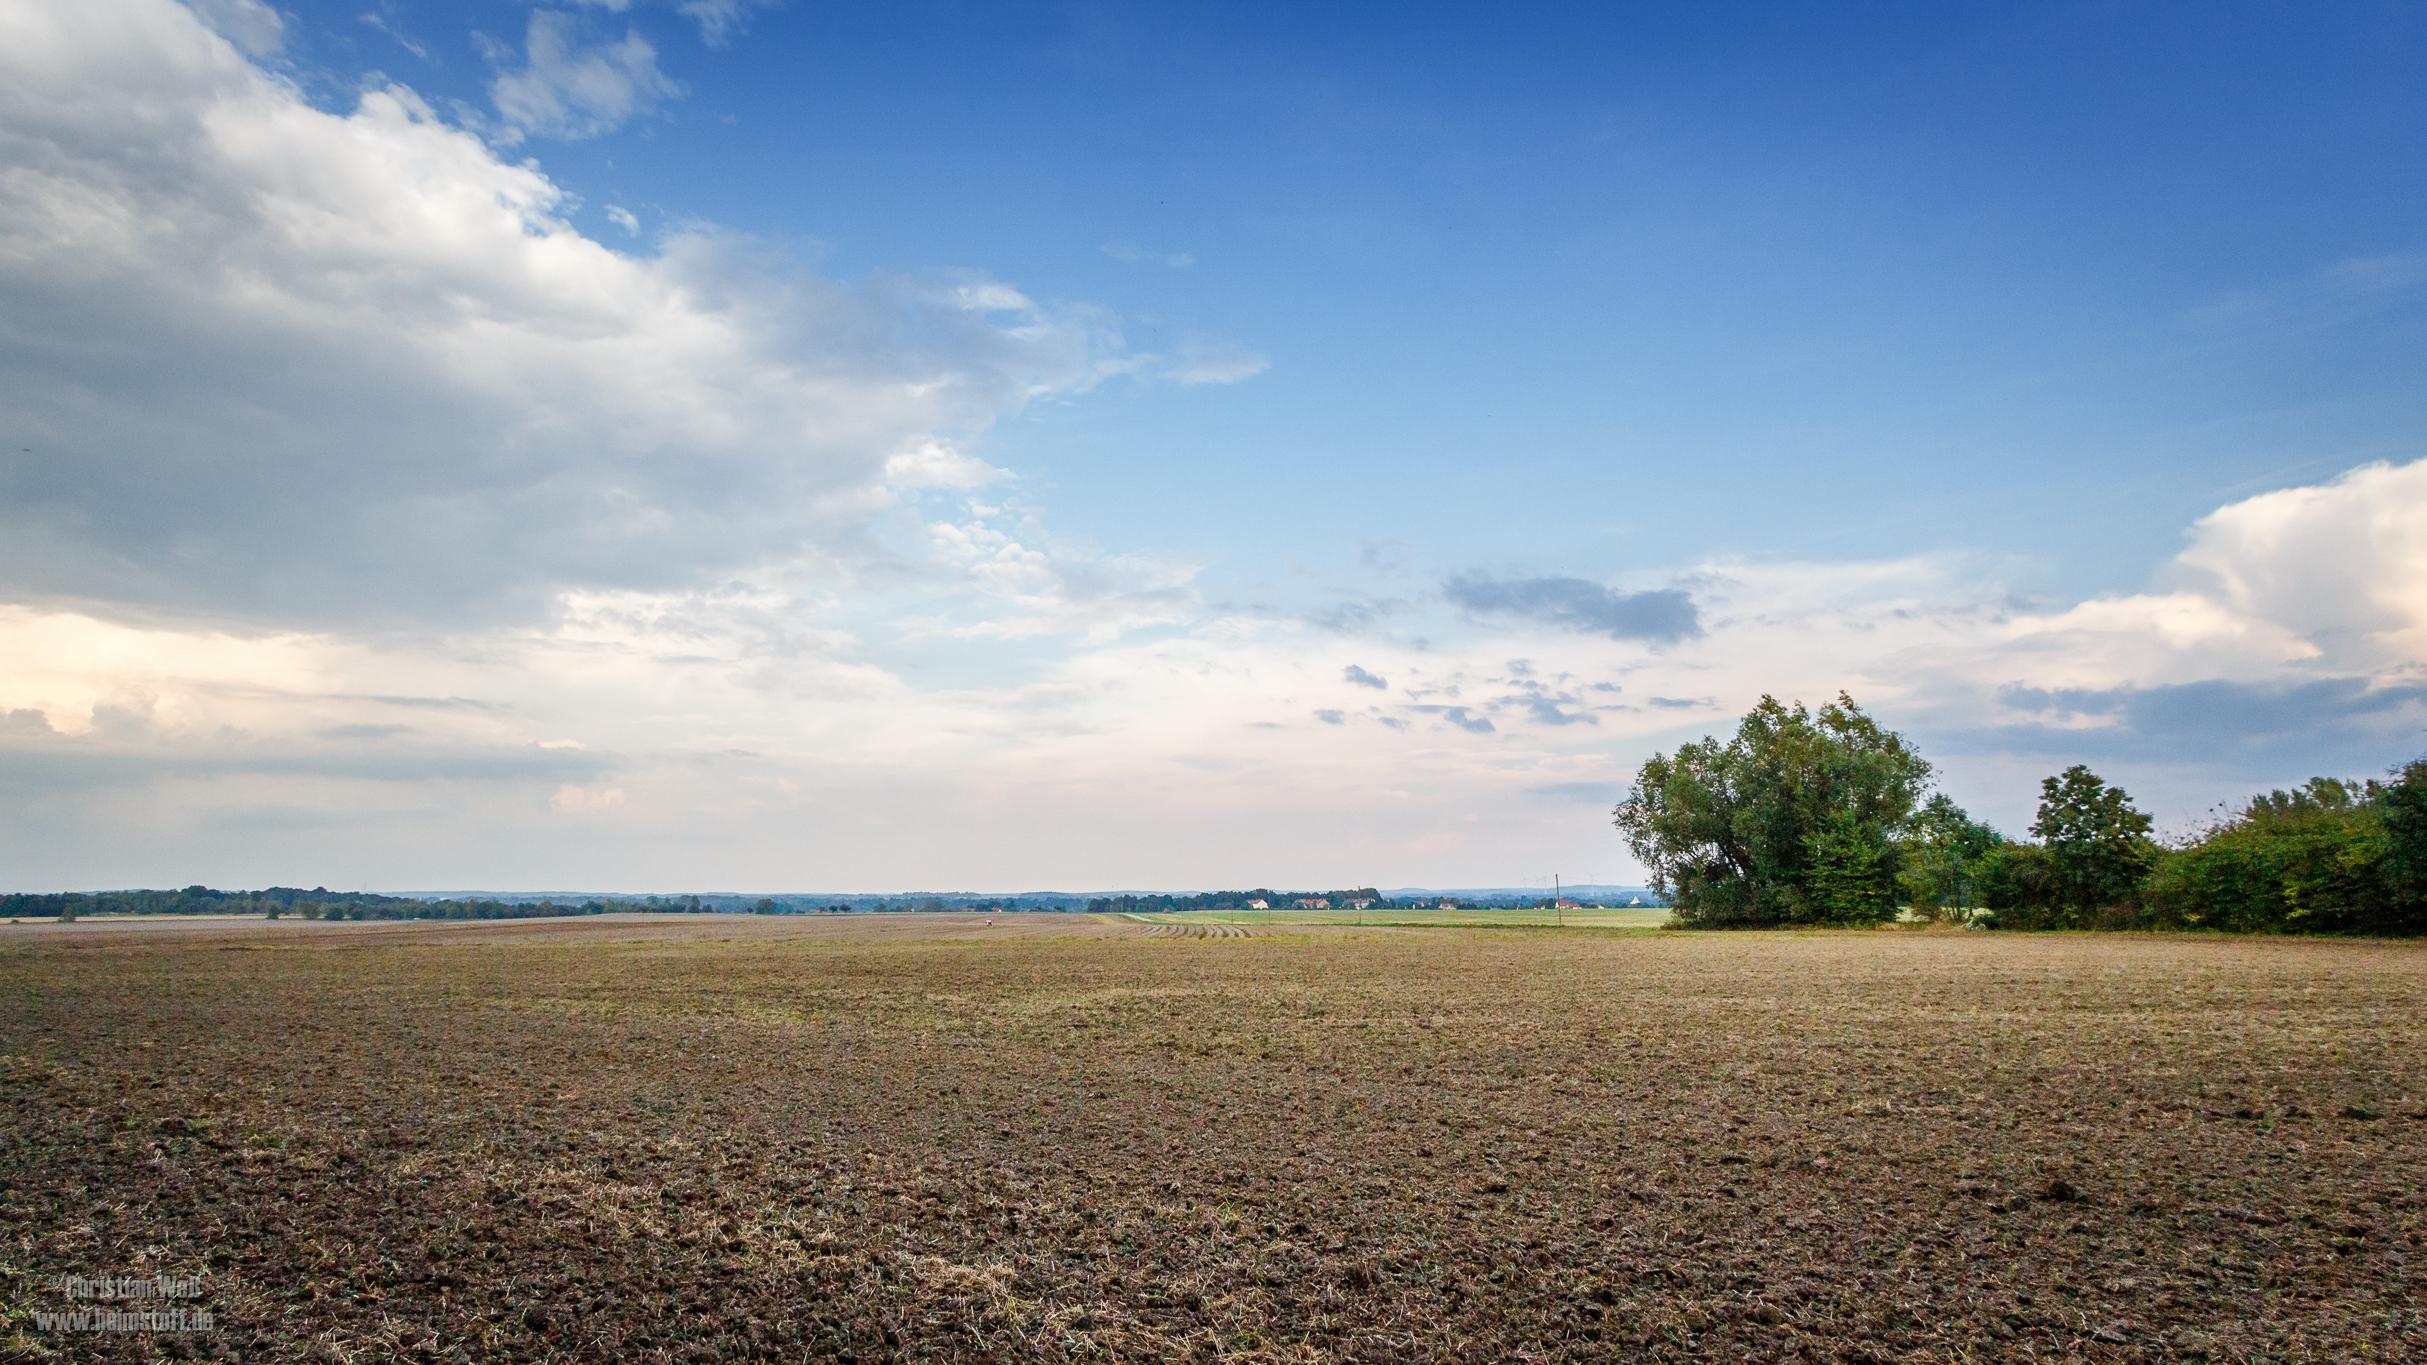 Ein Feld.